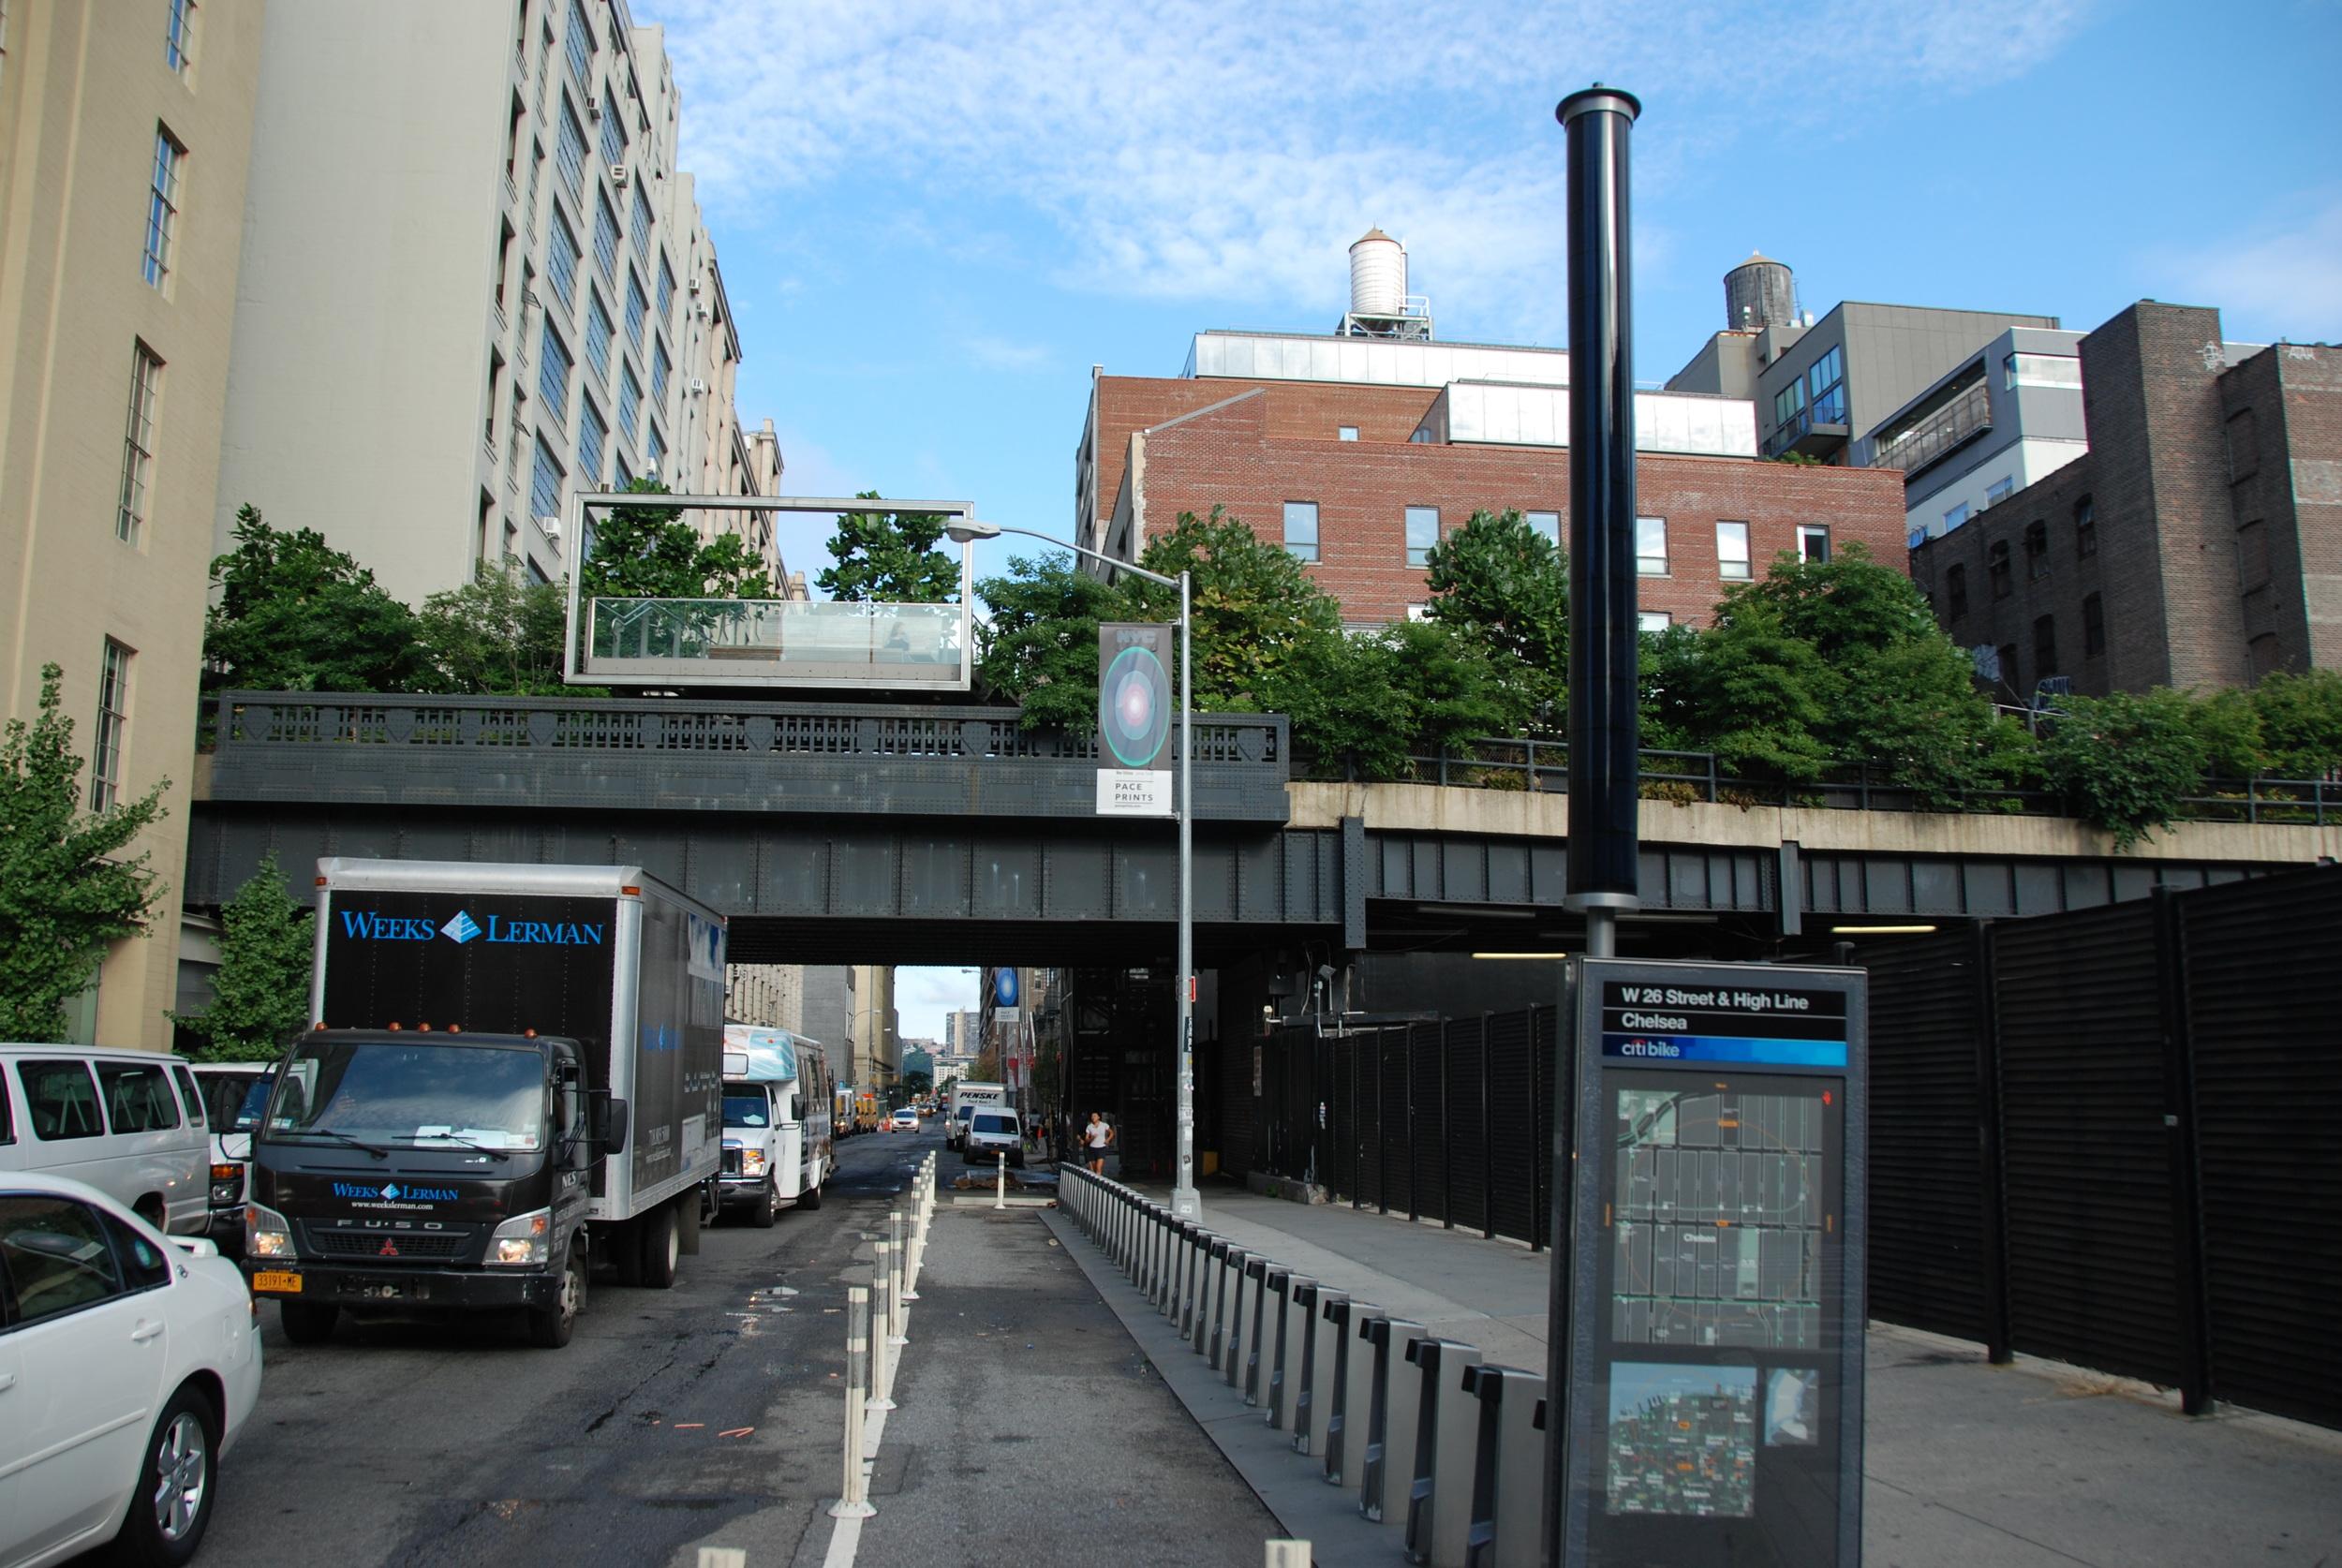 Stromy nad ulicí 23 St na Manhattanu. Nad mostovkou je dobře patrné jedno z vyvýšených posezení, na němž se mohou lidé posadit a pozorovat dění v ulici pod nimi. (foto: Libor Hinčica)